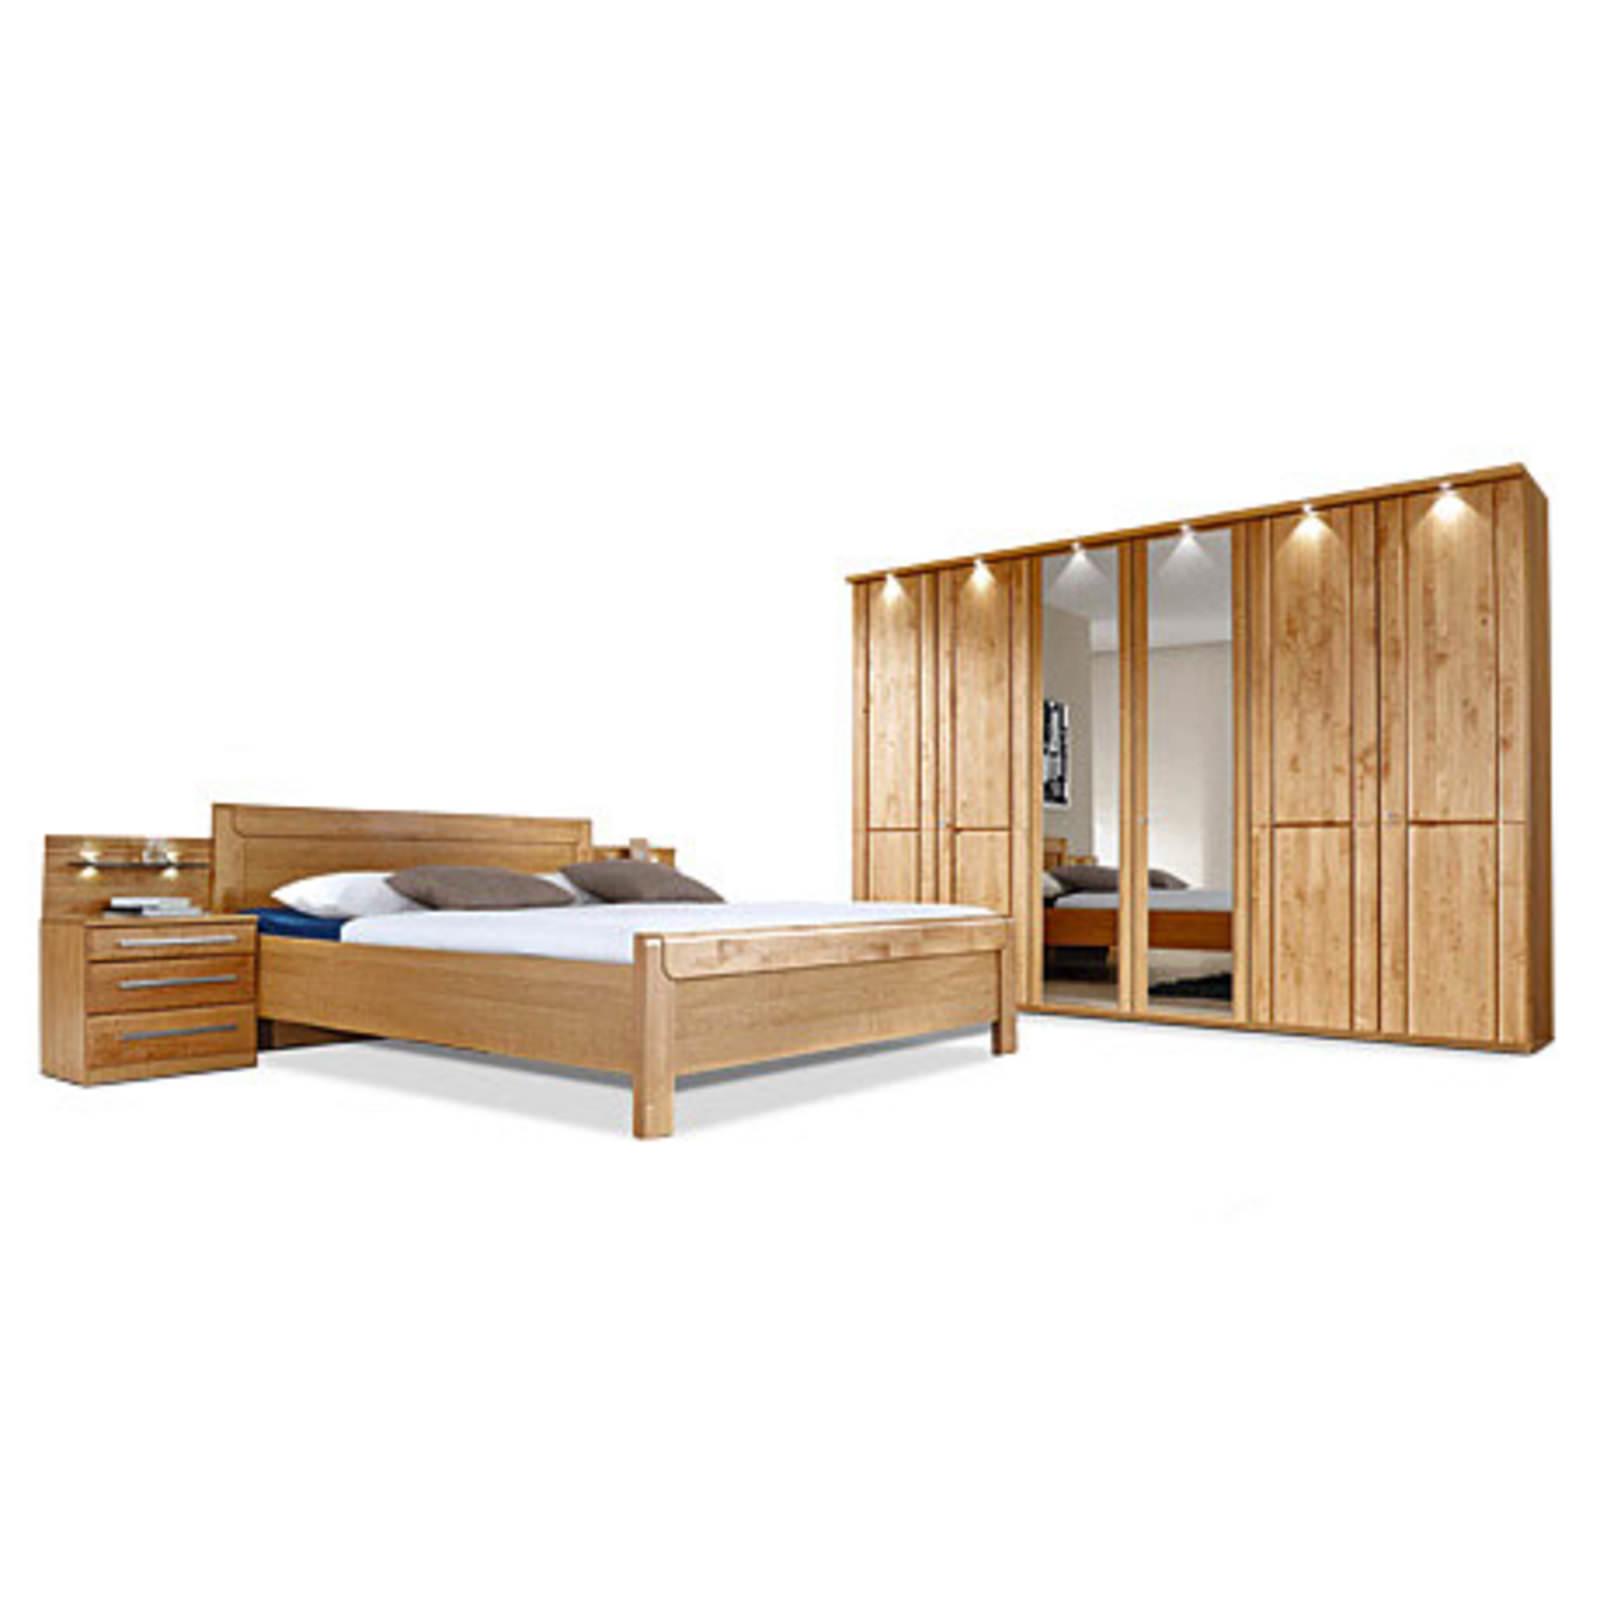 Schlafzimmer Kommode Mondo Lattenroste Starr Schlafzimmer Mondo